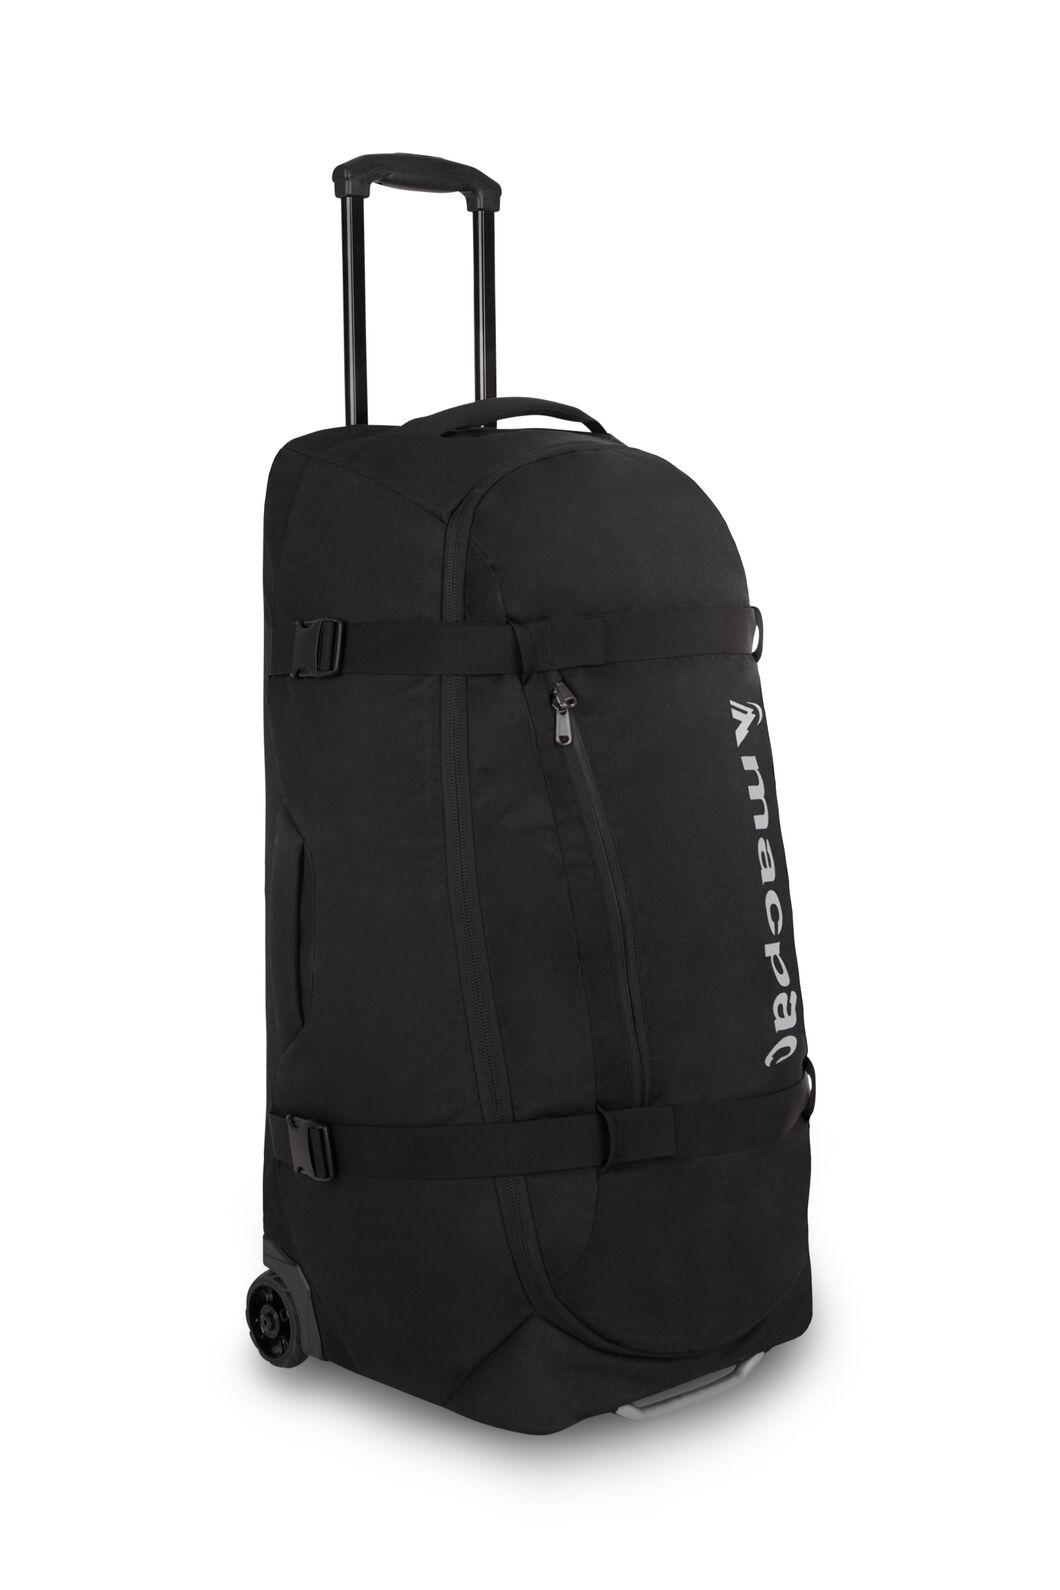 Macpac Global 80L Travel Bag, Black, hi-res